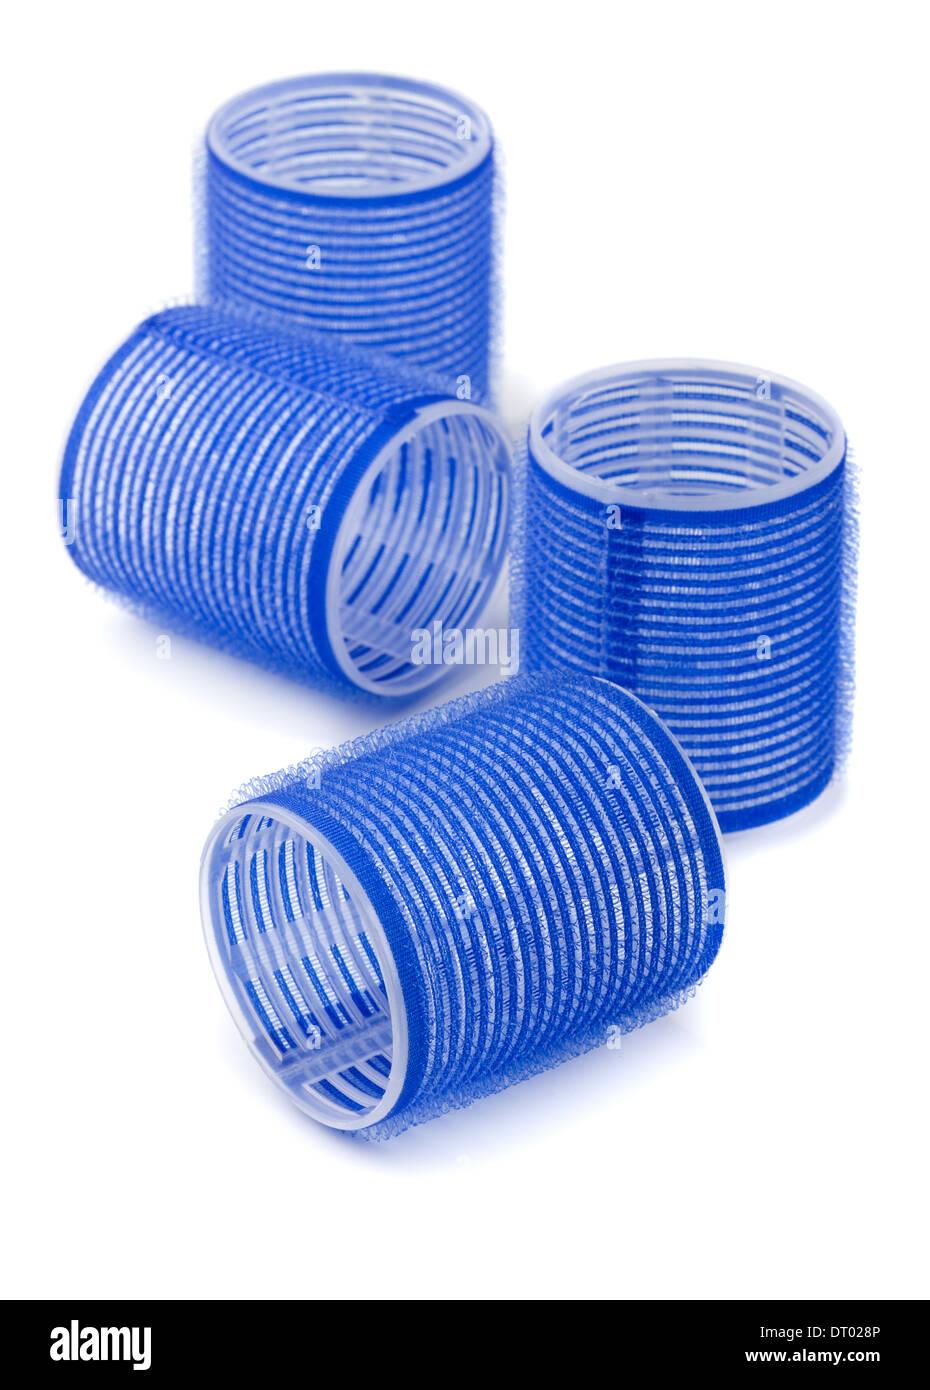 Rizadores de pelo azul aislado en blanco Imagen De Stock